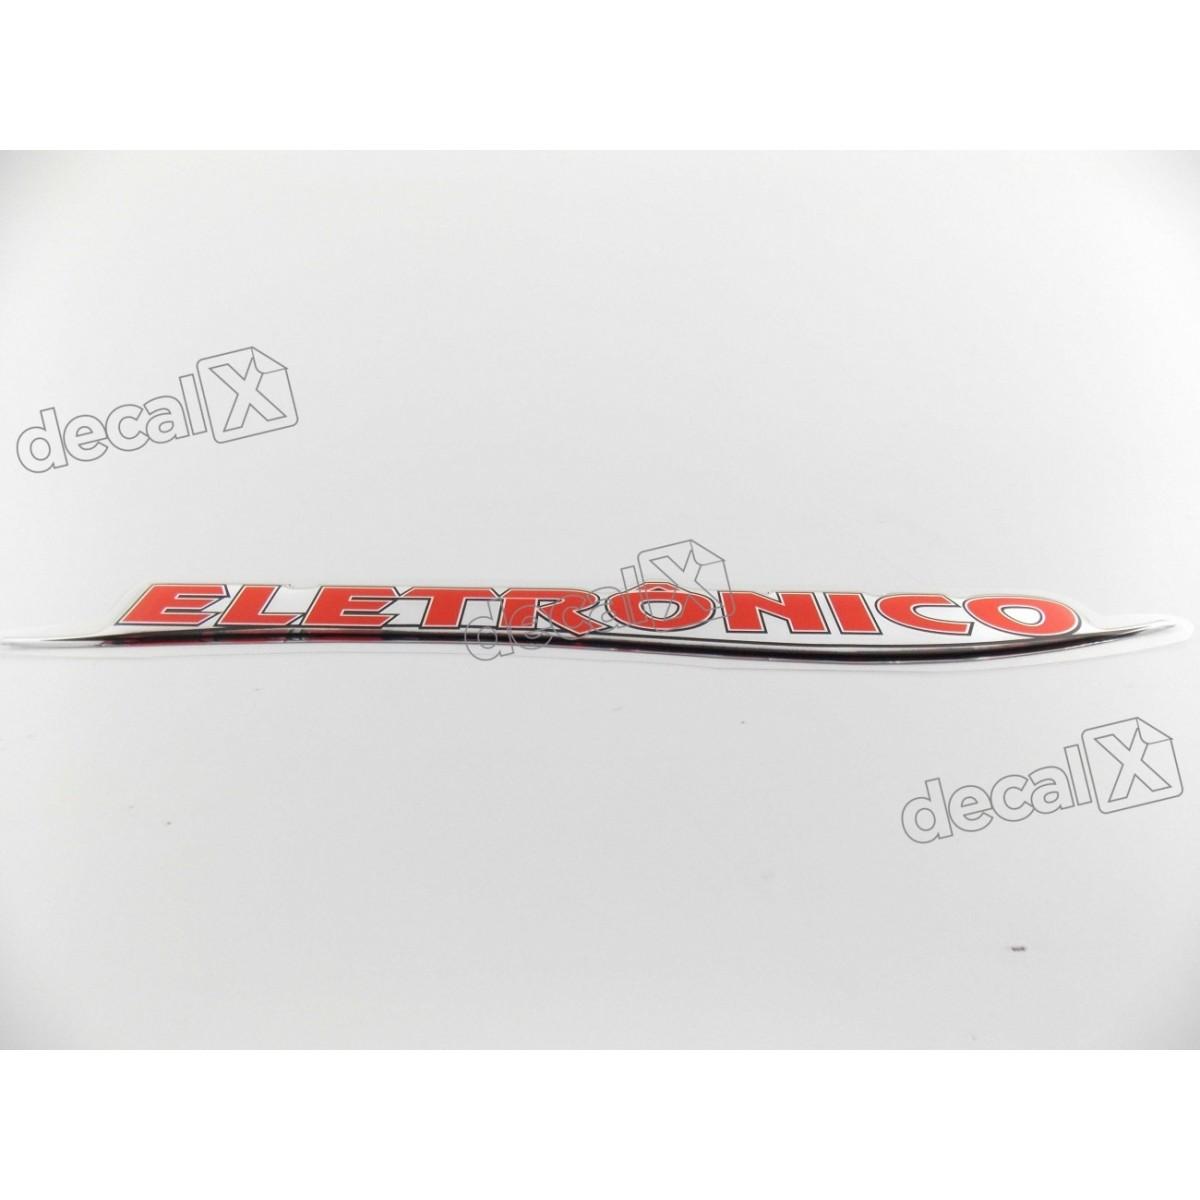 Adesivo Emblema Resinado Mercedes Eletronico Cm95 Decalx